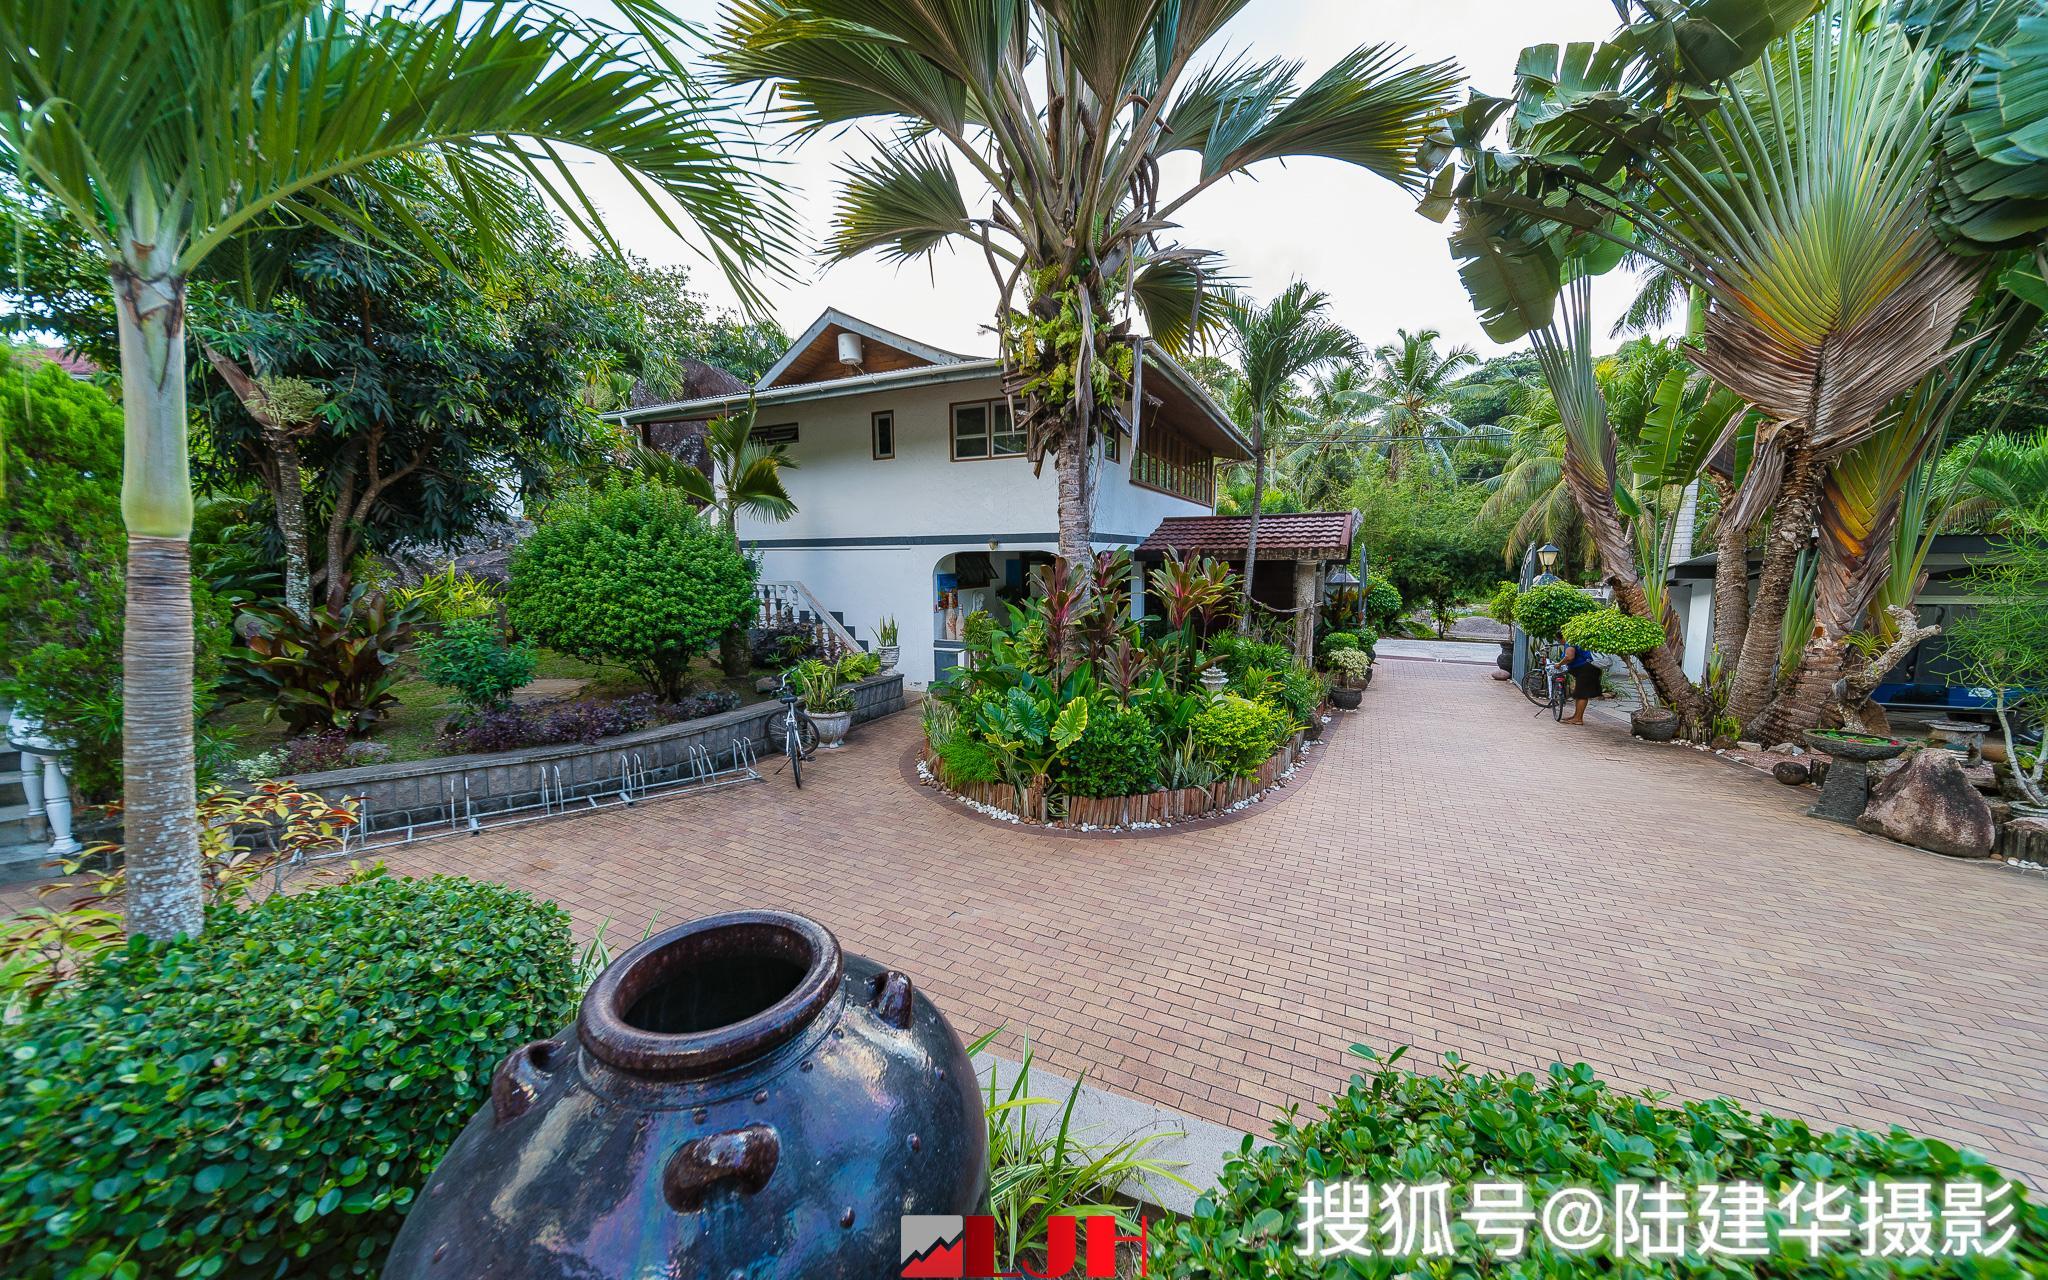 原创             去塞舌尔拉迪格岛旅行,不住海景房,住在一个植物园